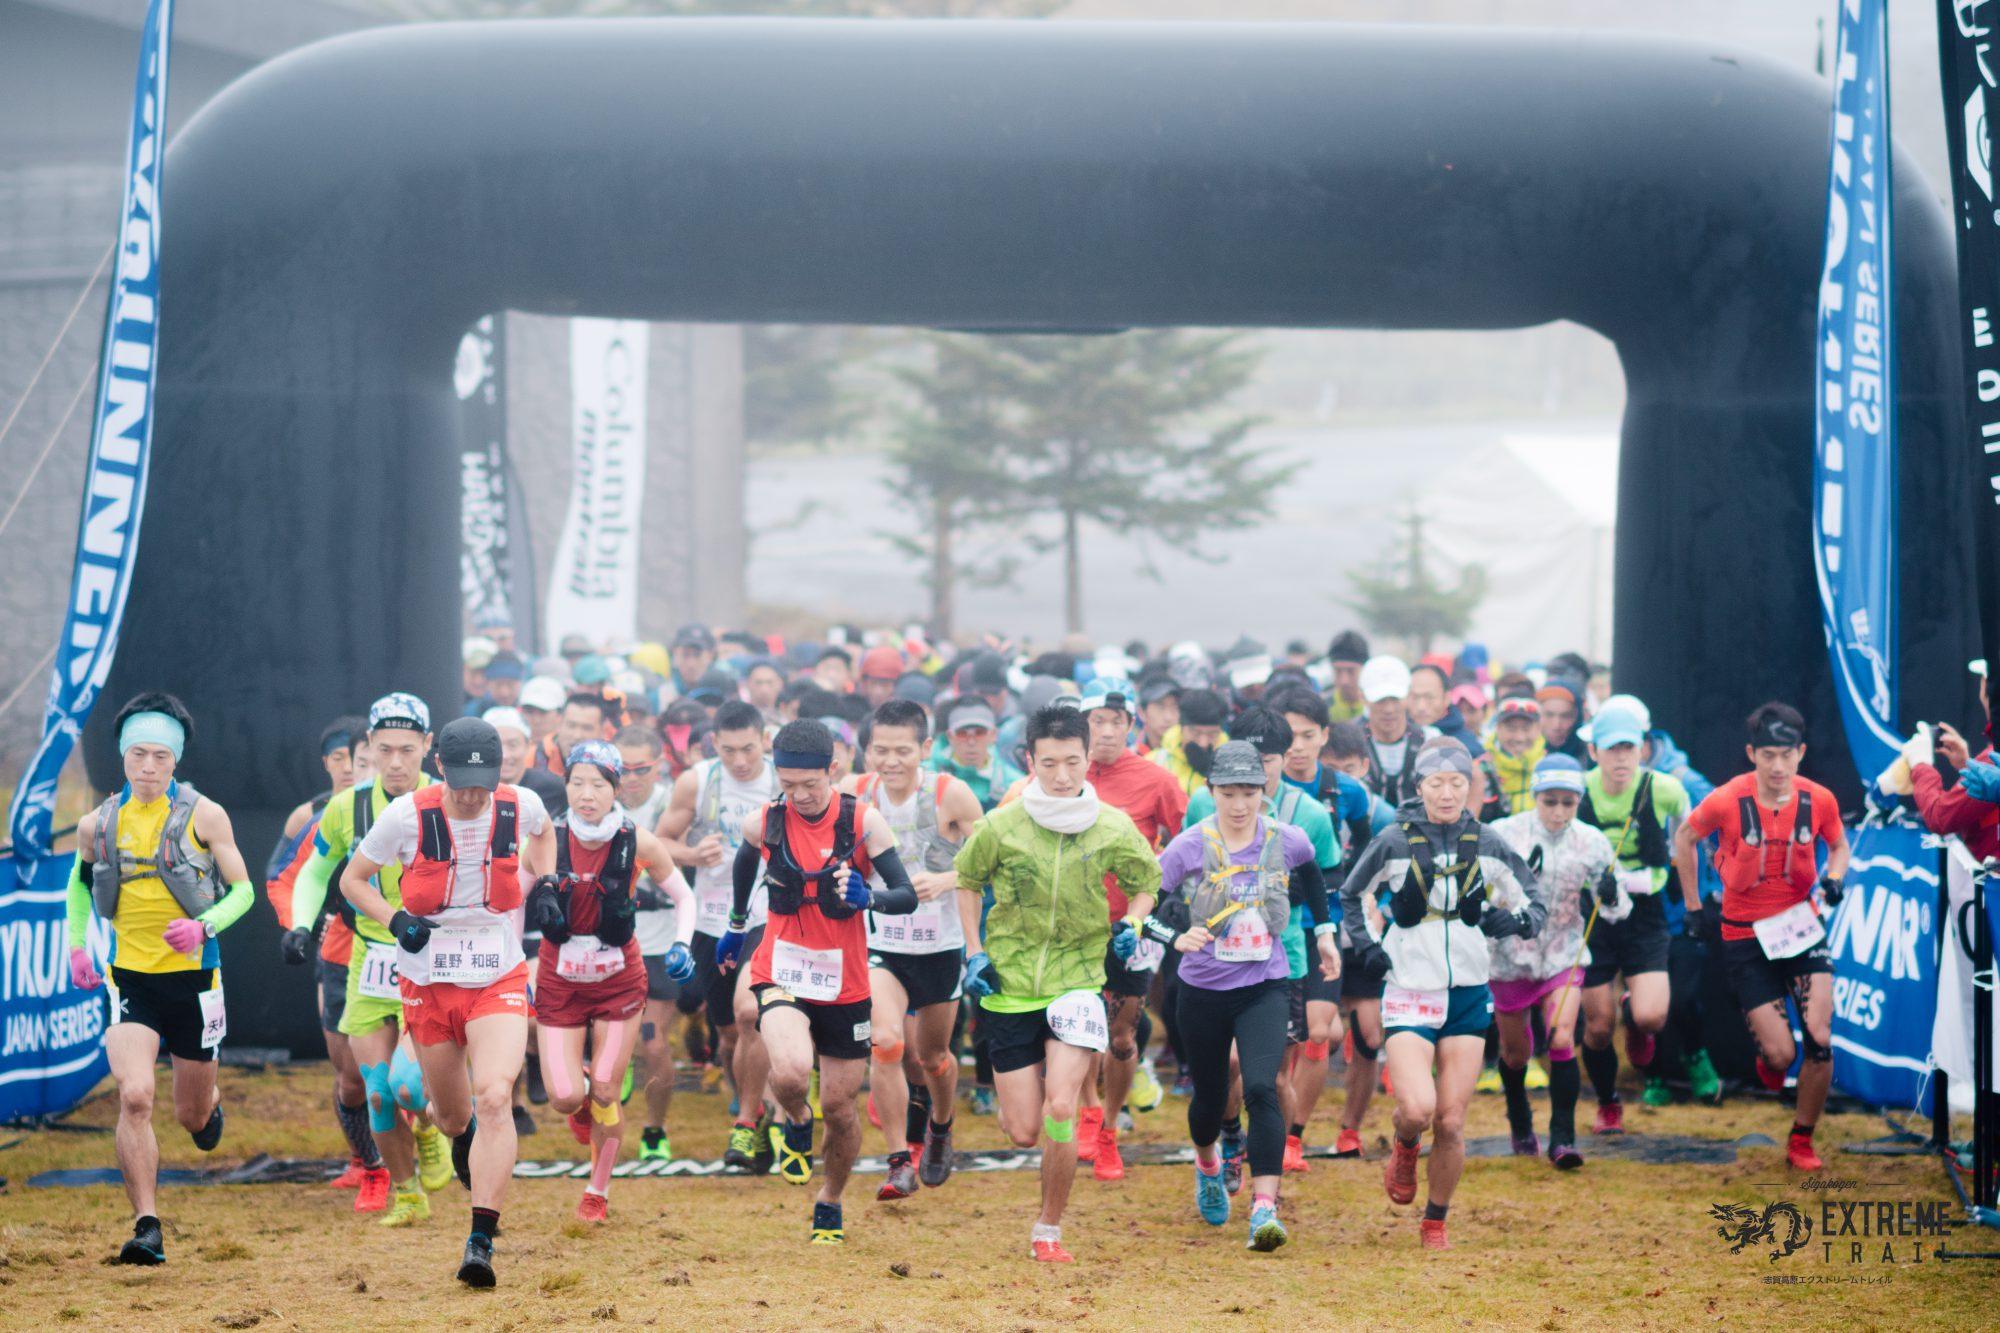 冷たい雨が降り、霧が立ち込める中、選手たちはスタートした。 ©SHIGAKOGEN EXTREME TRAIL